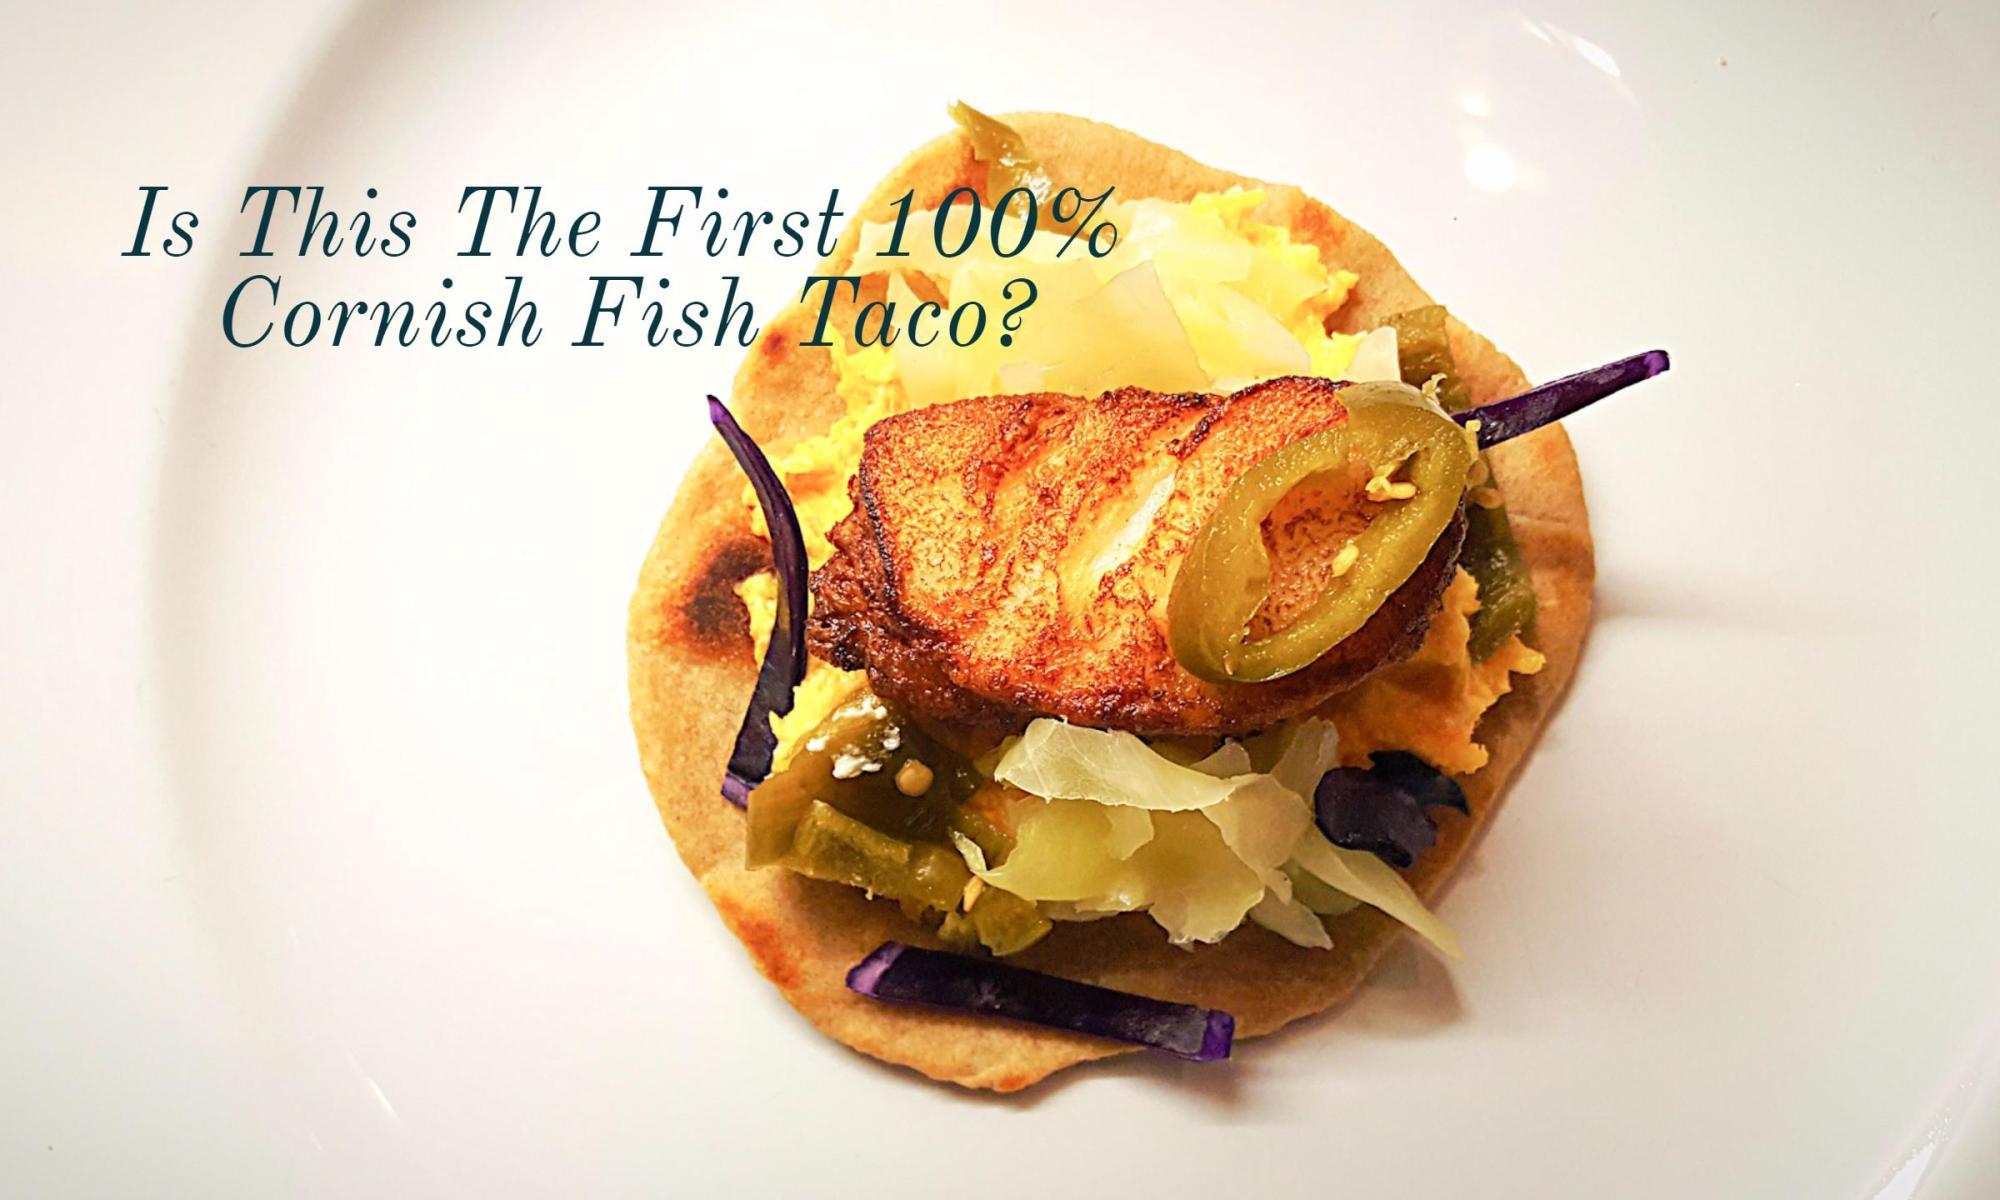 Cornish Taco